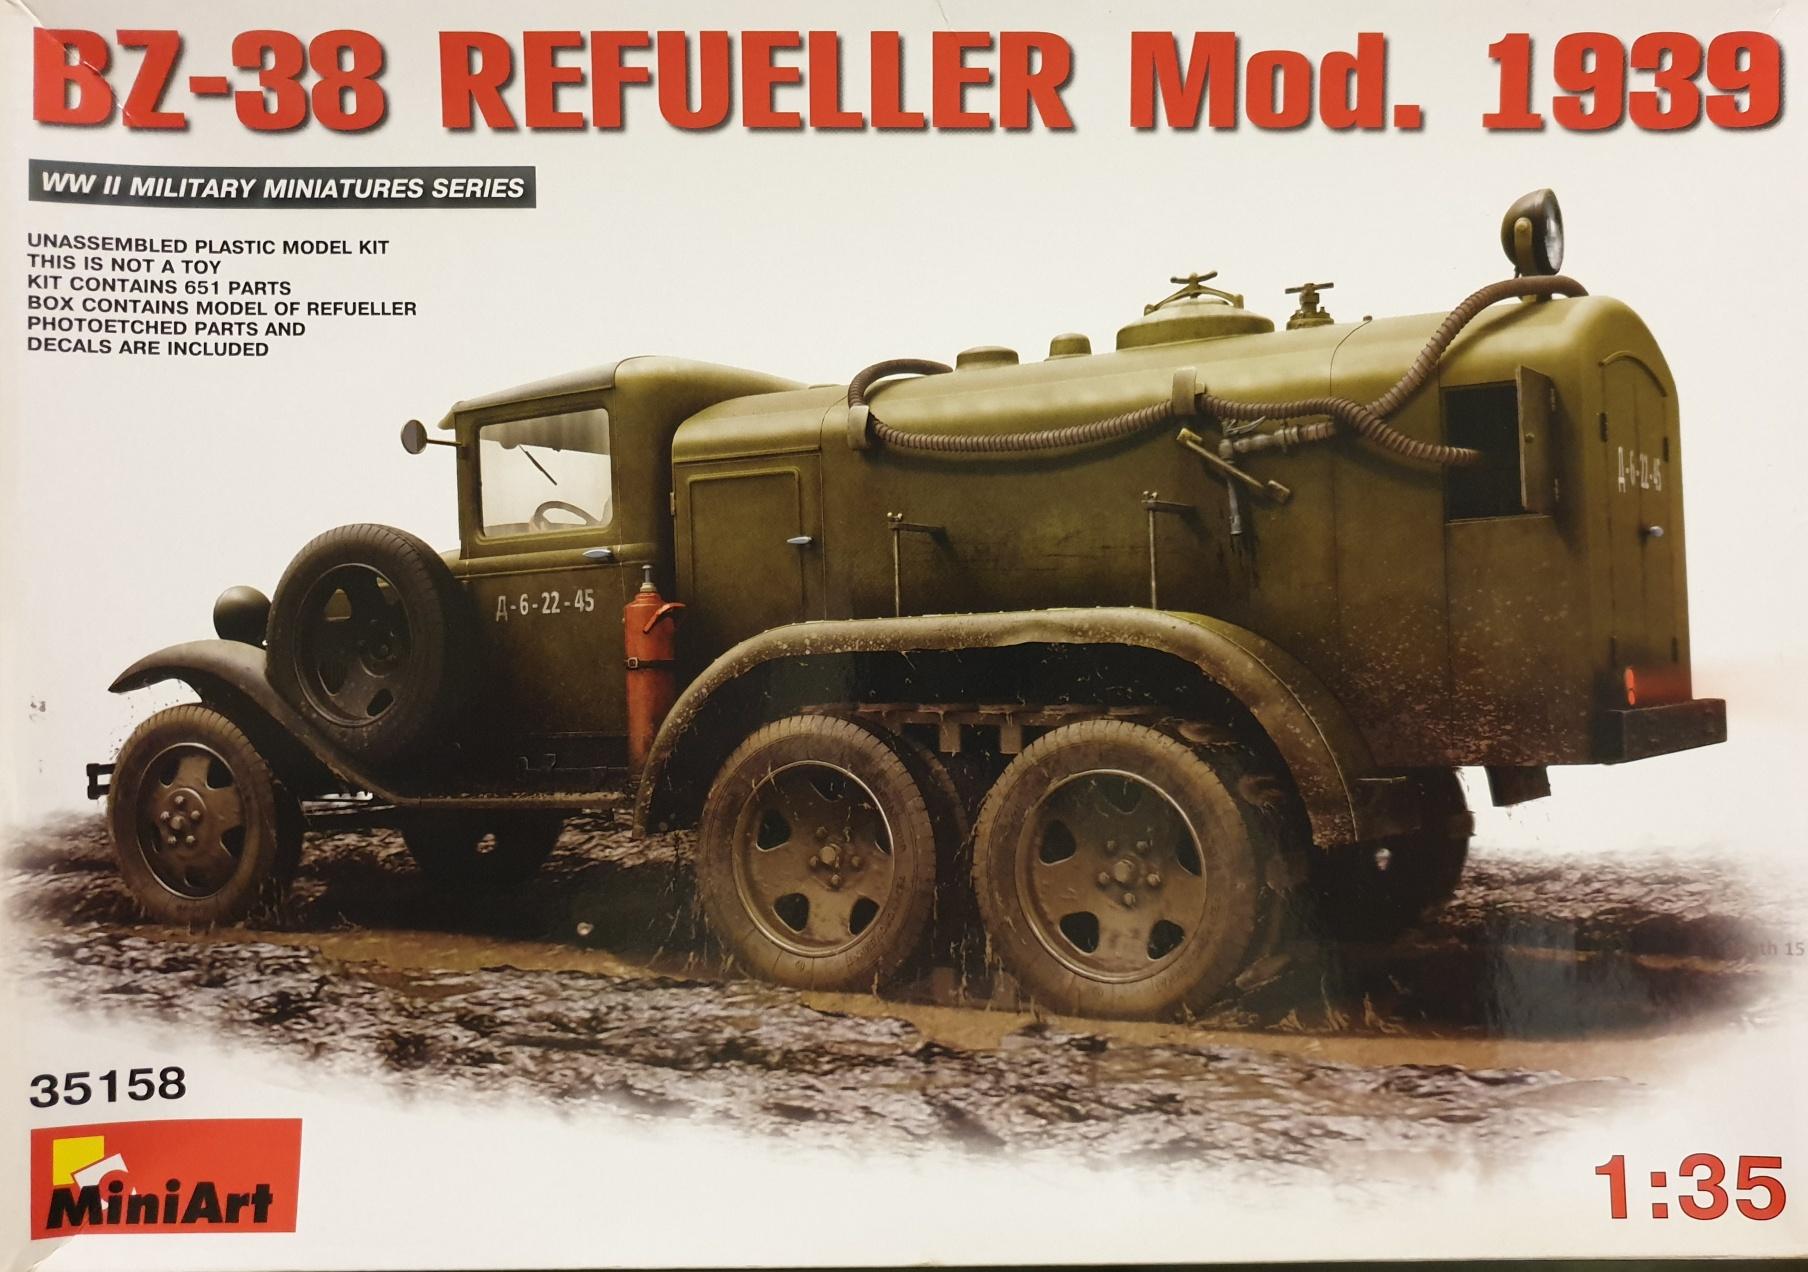 MiniArt 35158 BZ-38 Refueller Mod. 1939